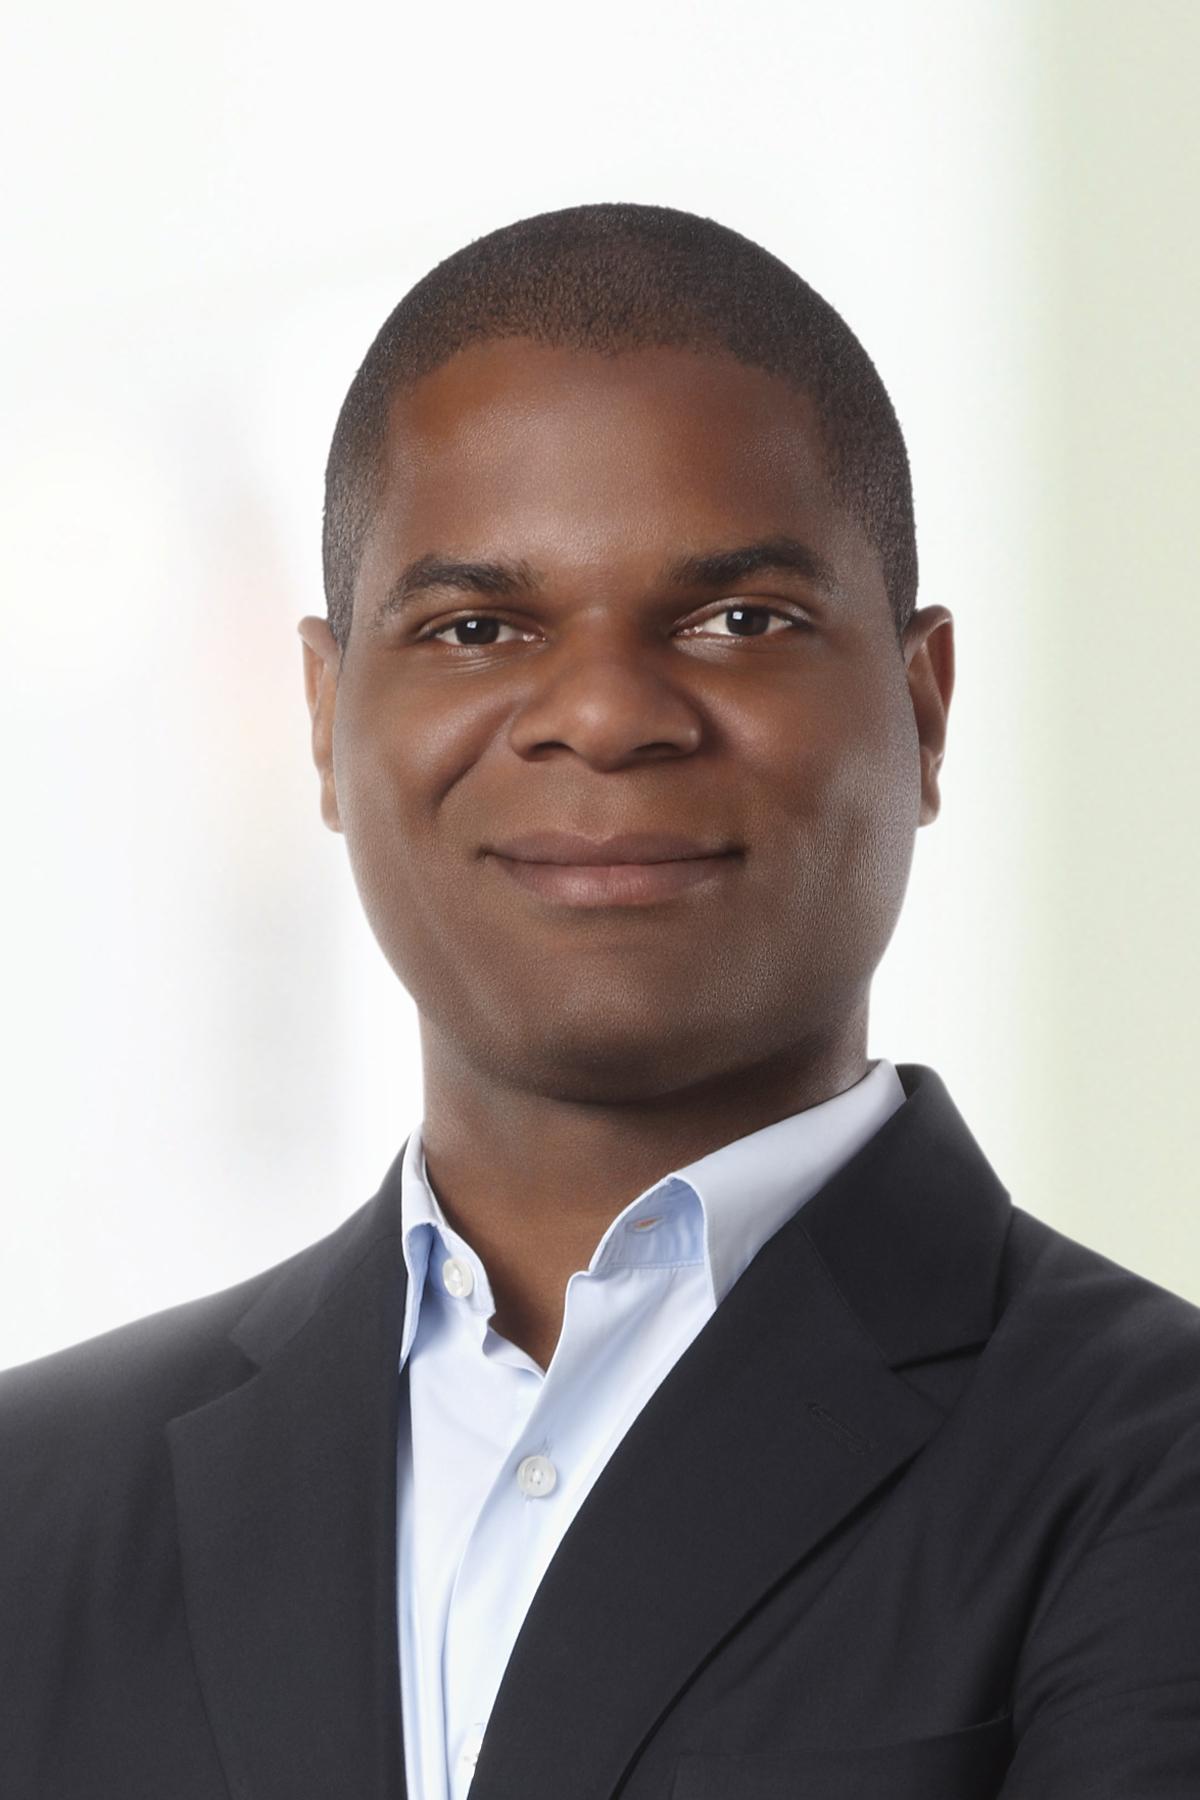 Nnamdi Orakwue, VP of Dell Cloud